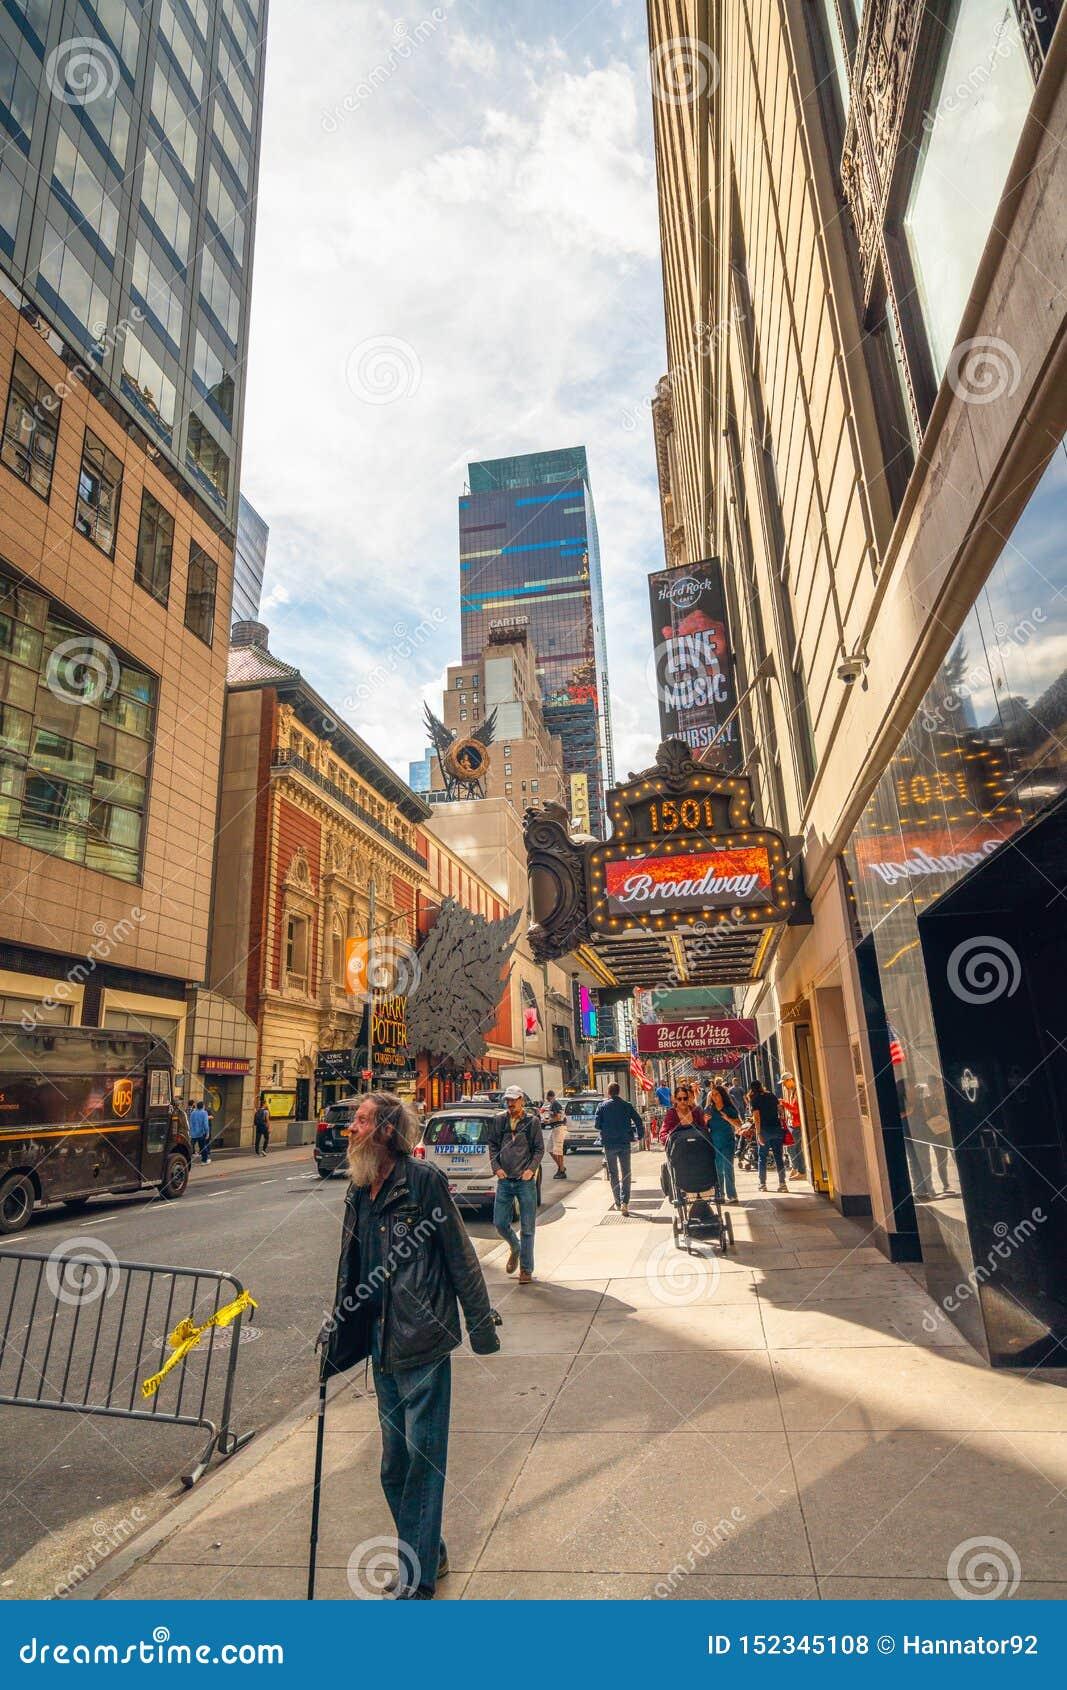 Stad New York Paramount byggnad, Broadway som 1501 lokaliseras mellan v?stra 43rd och 44th gator i Times Square Street View Hom